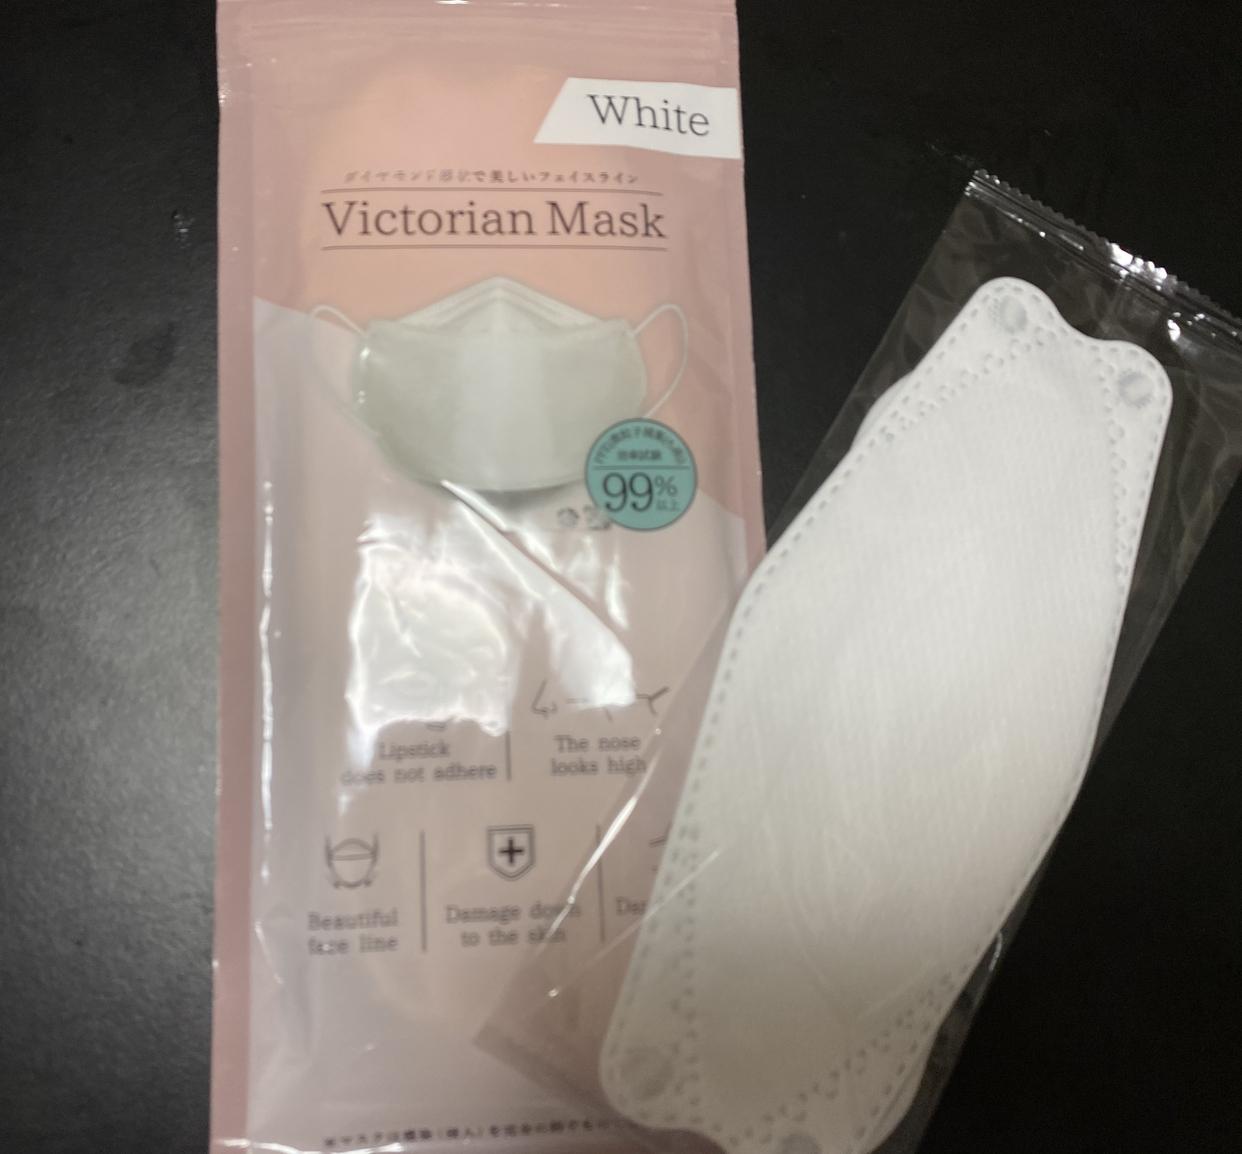 COLLABORN(コラボーン) ヴィクトリアンマスクを使ったSAYAKAさんのクチコミ画像2